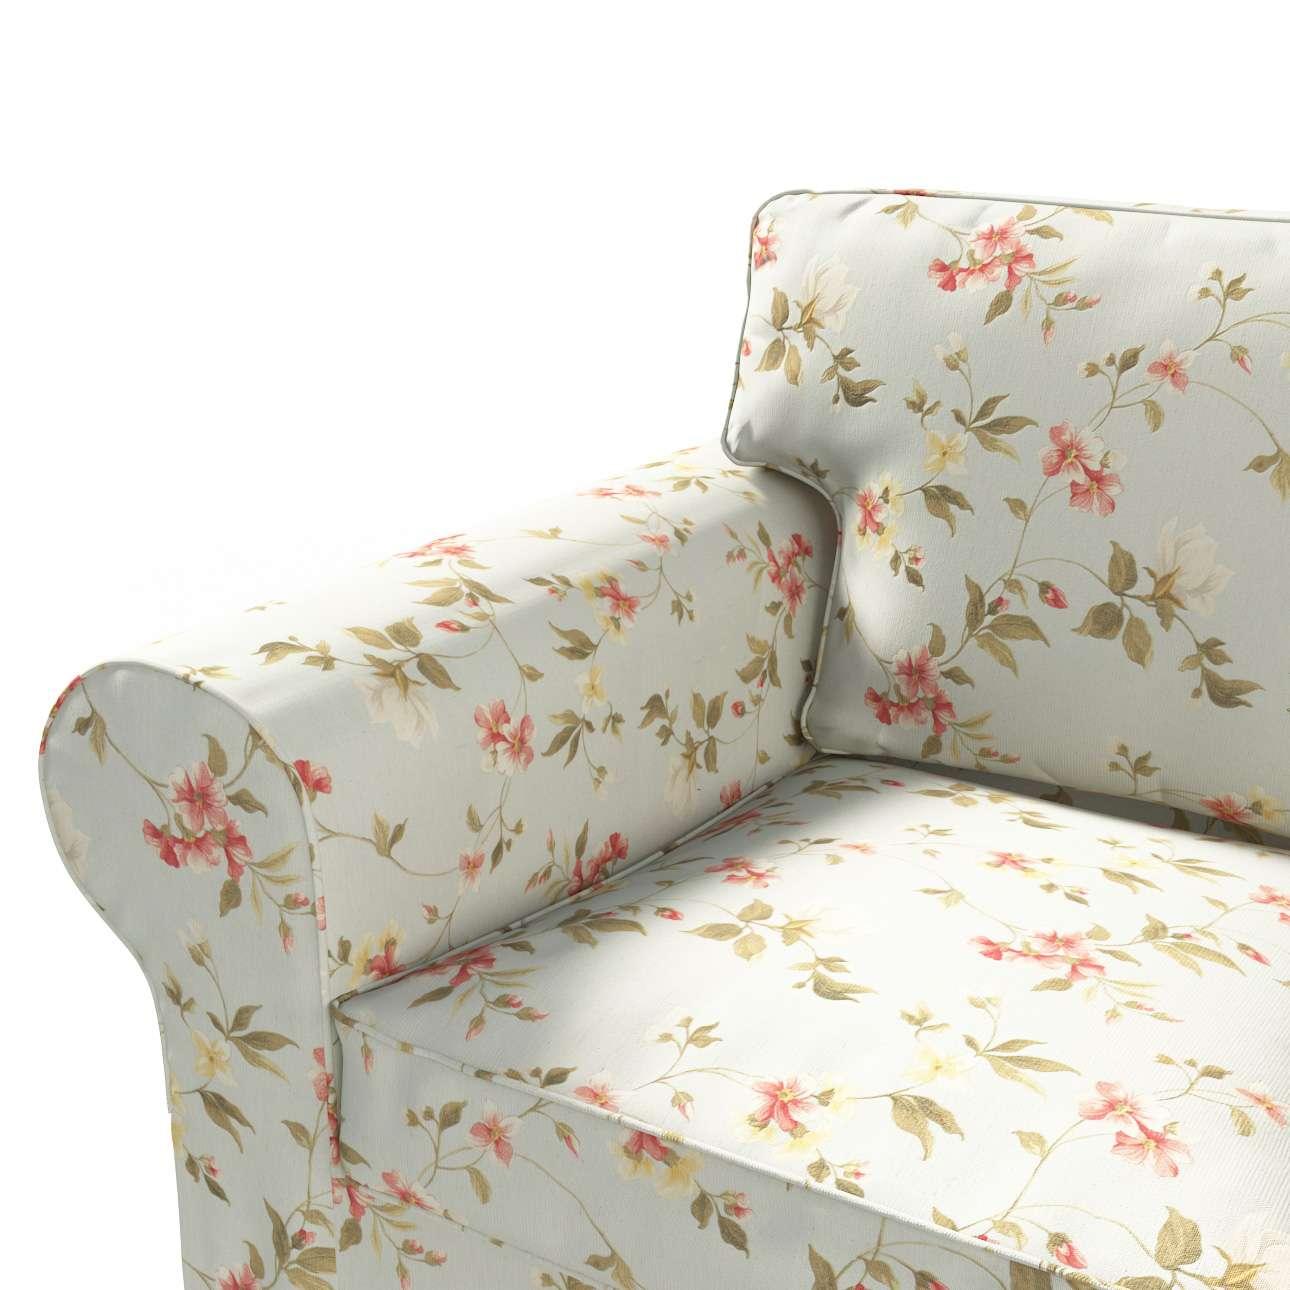 Pokrowiec na sofę Ektorp 2-osobową rozkładaną, model po 2012 w kolekcji Londres, tkanina: 124-65